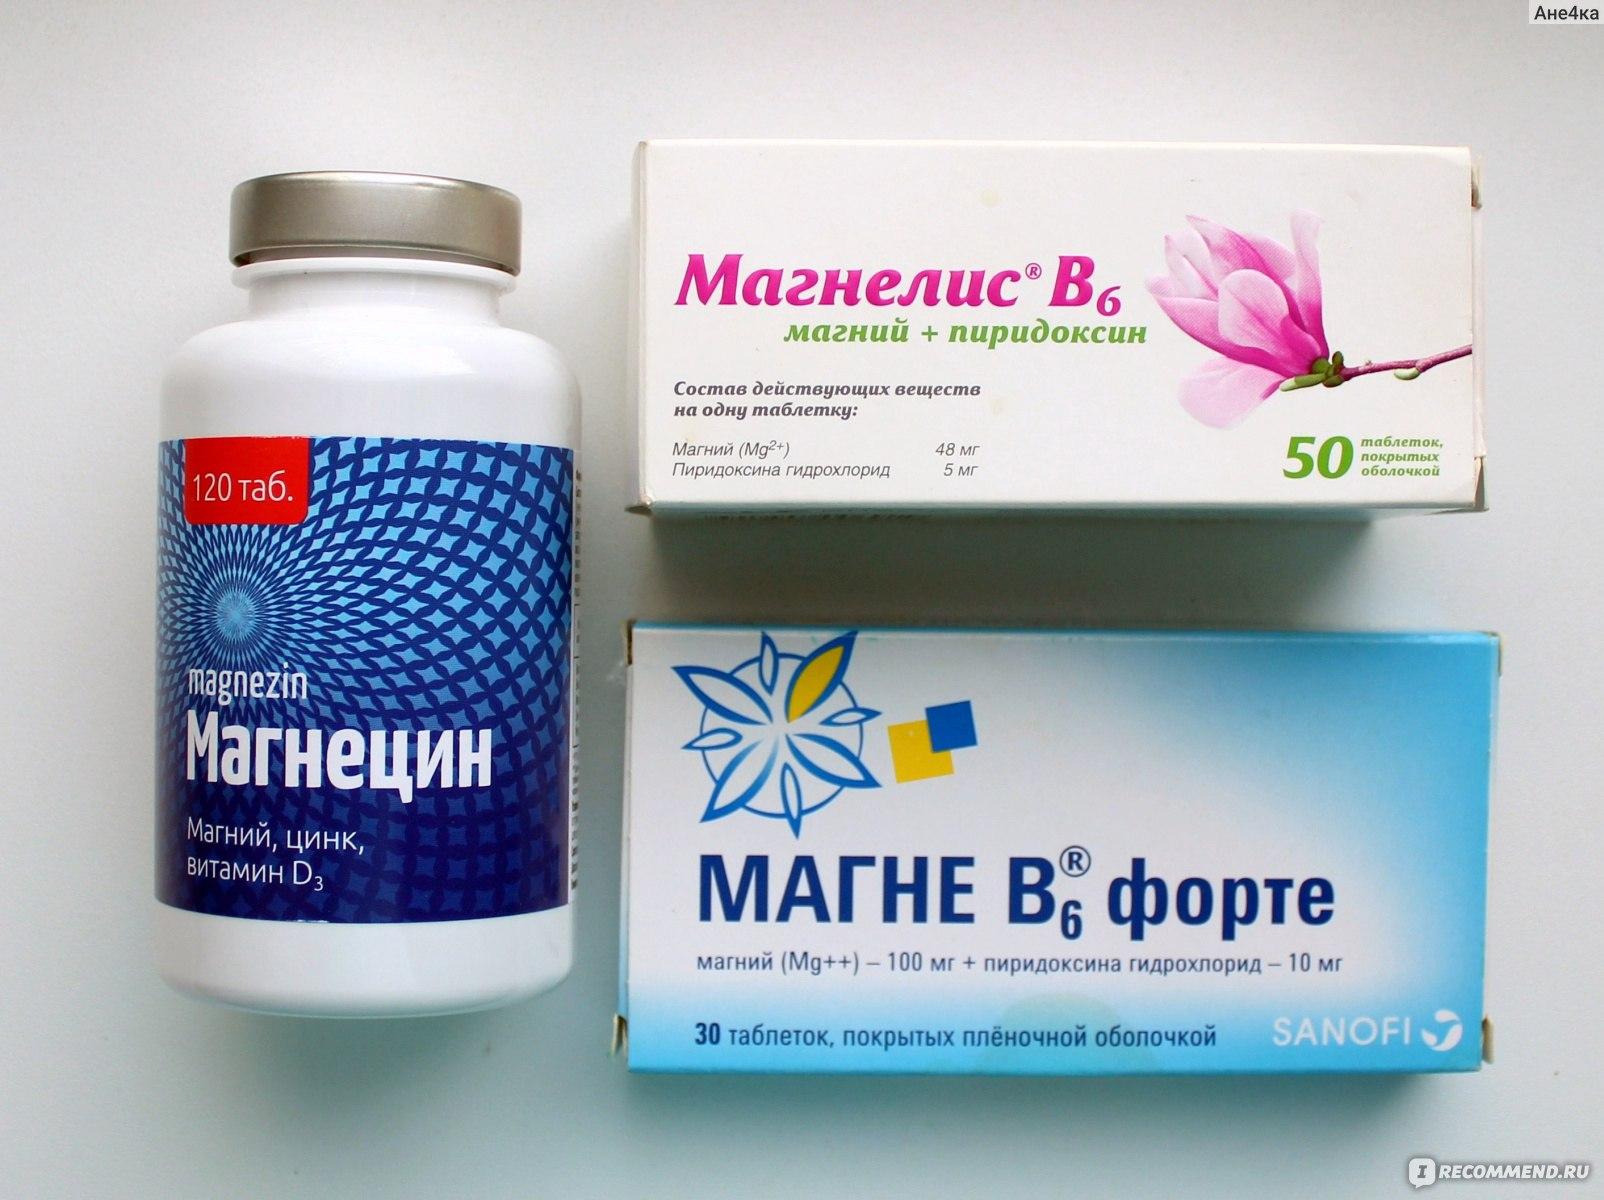 Какой препарат магния самый эффективный